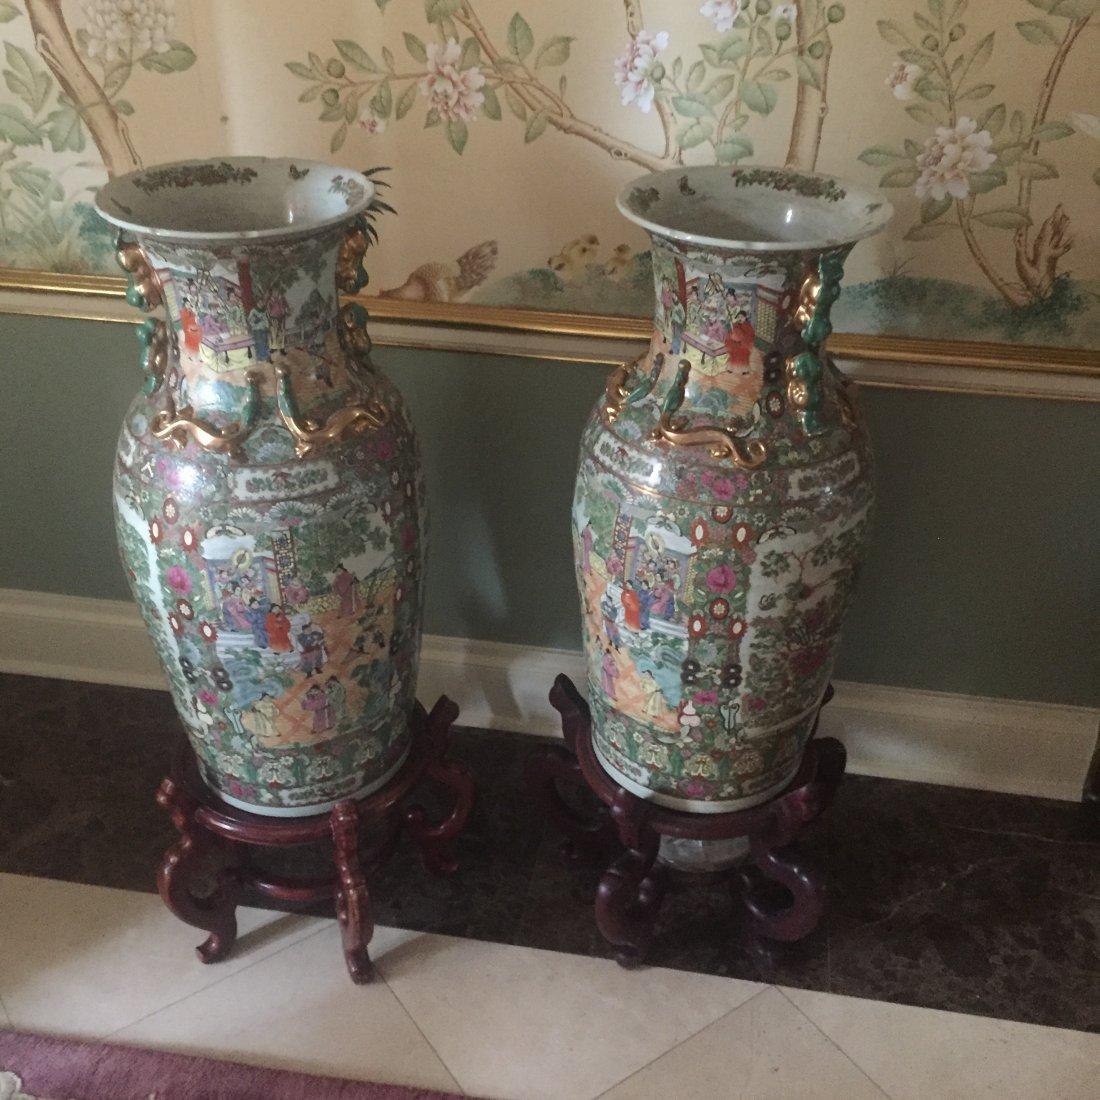 Tall Asian-style floor vase